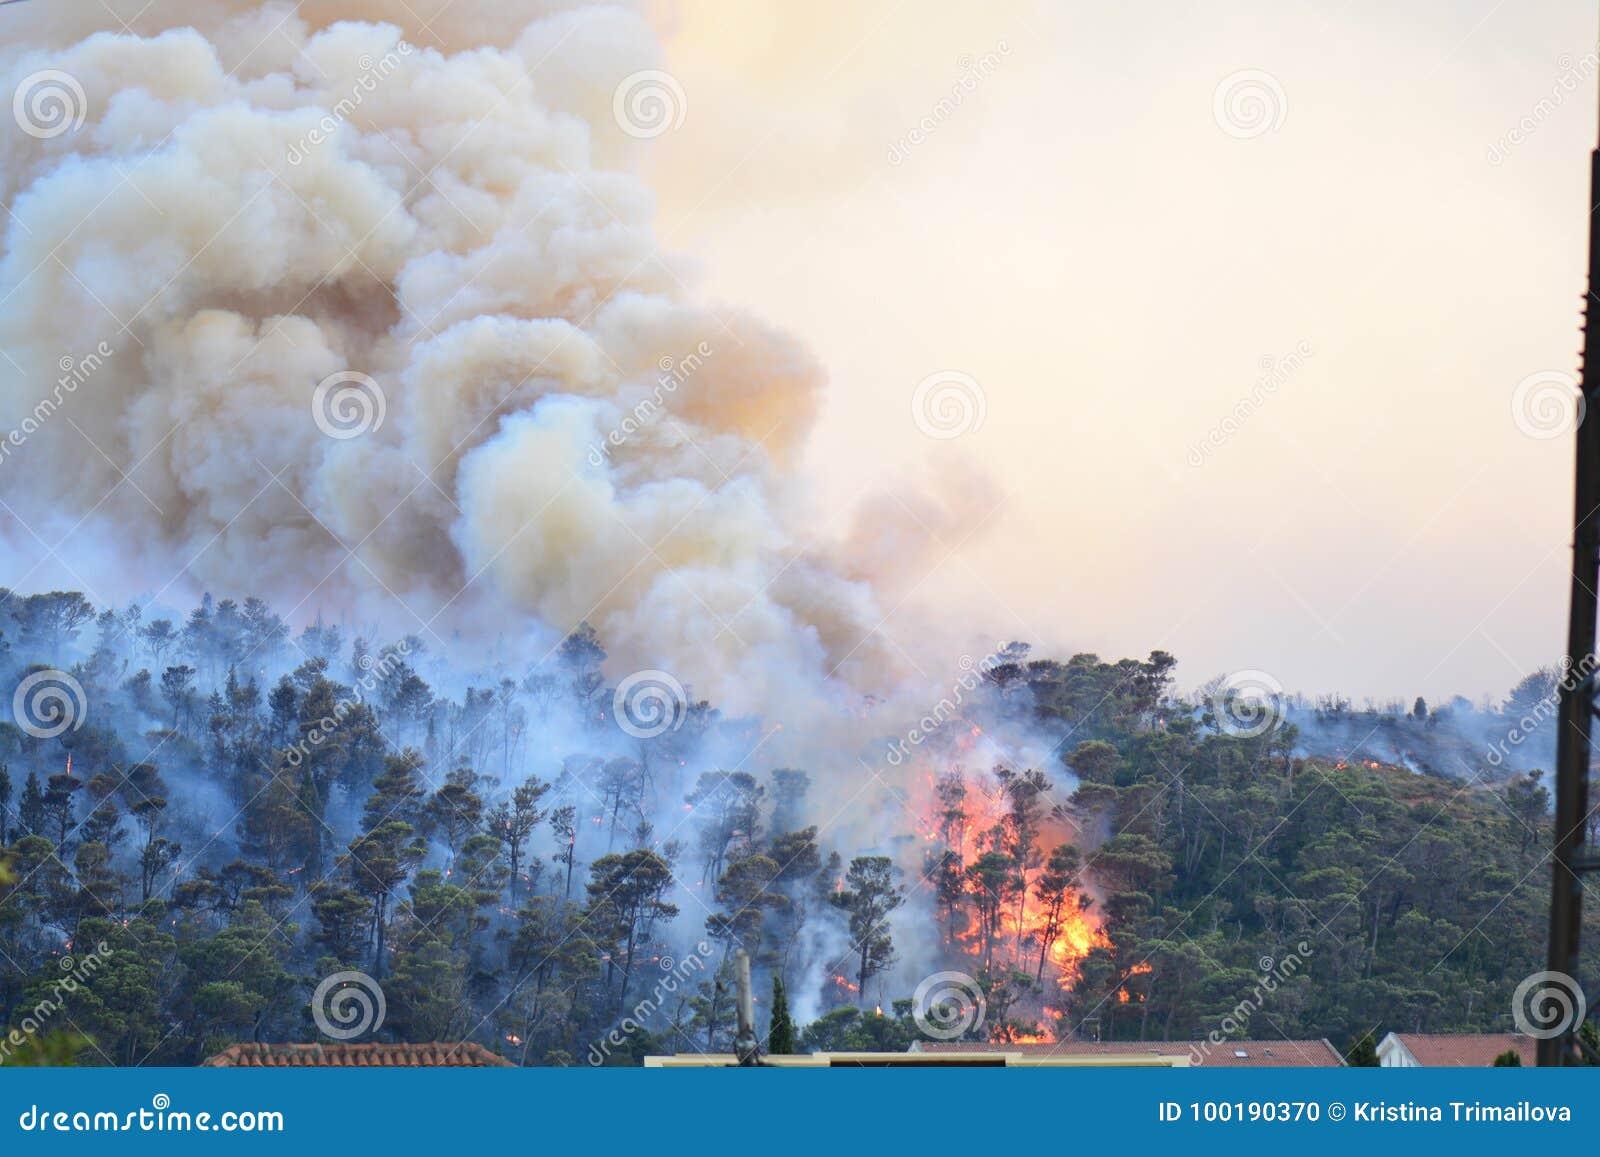 Forest Fire Árvores queimadas após o incêndio violento, a poluição e o muito fumo